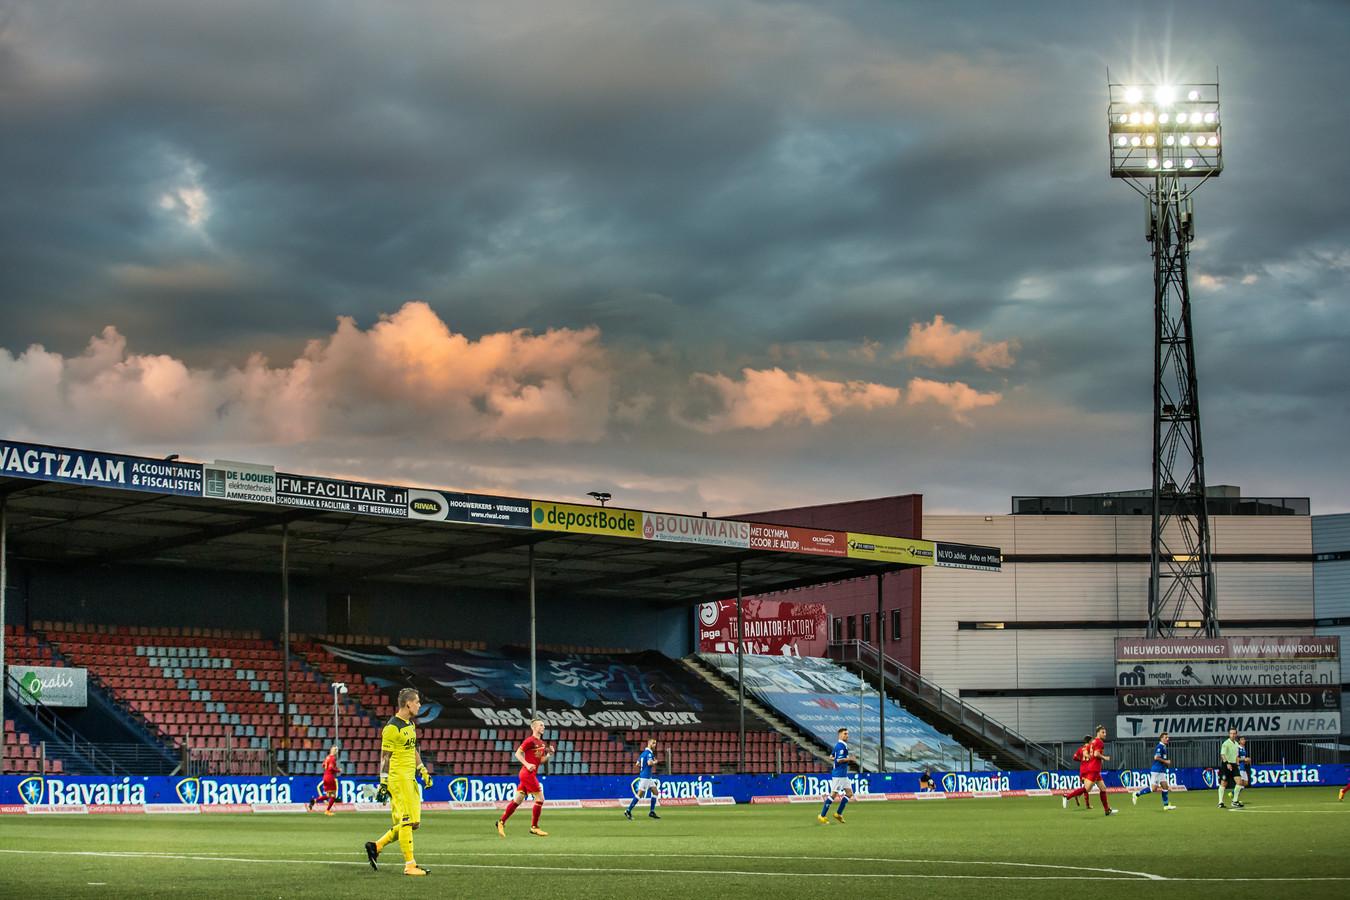 De Vliert, de thuishaven van FC Den Bosch.